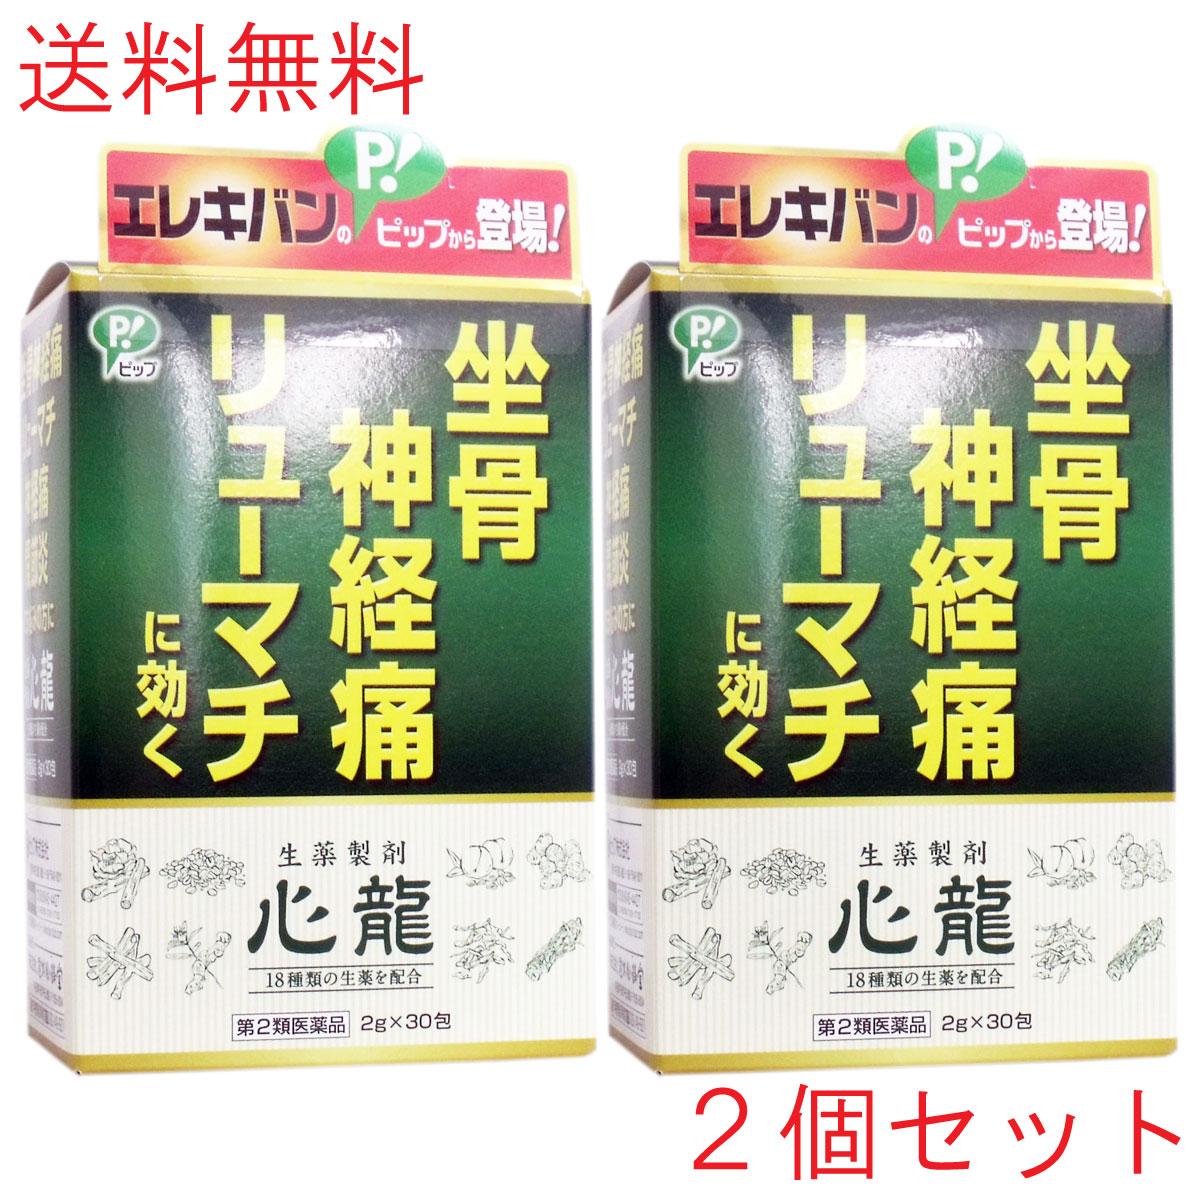 【第2類医薬品】 生薬製剤 心龍 2g×30包X2個